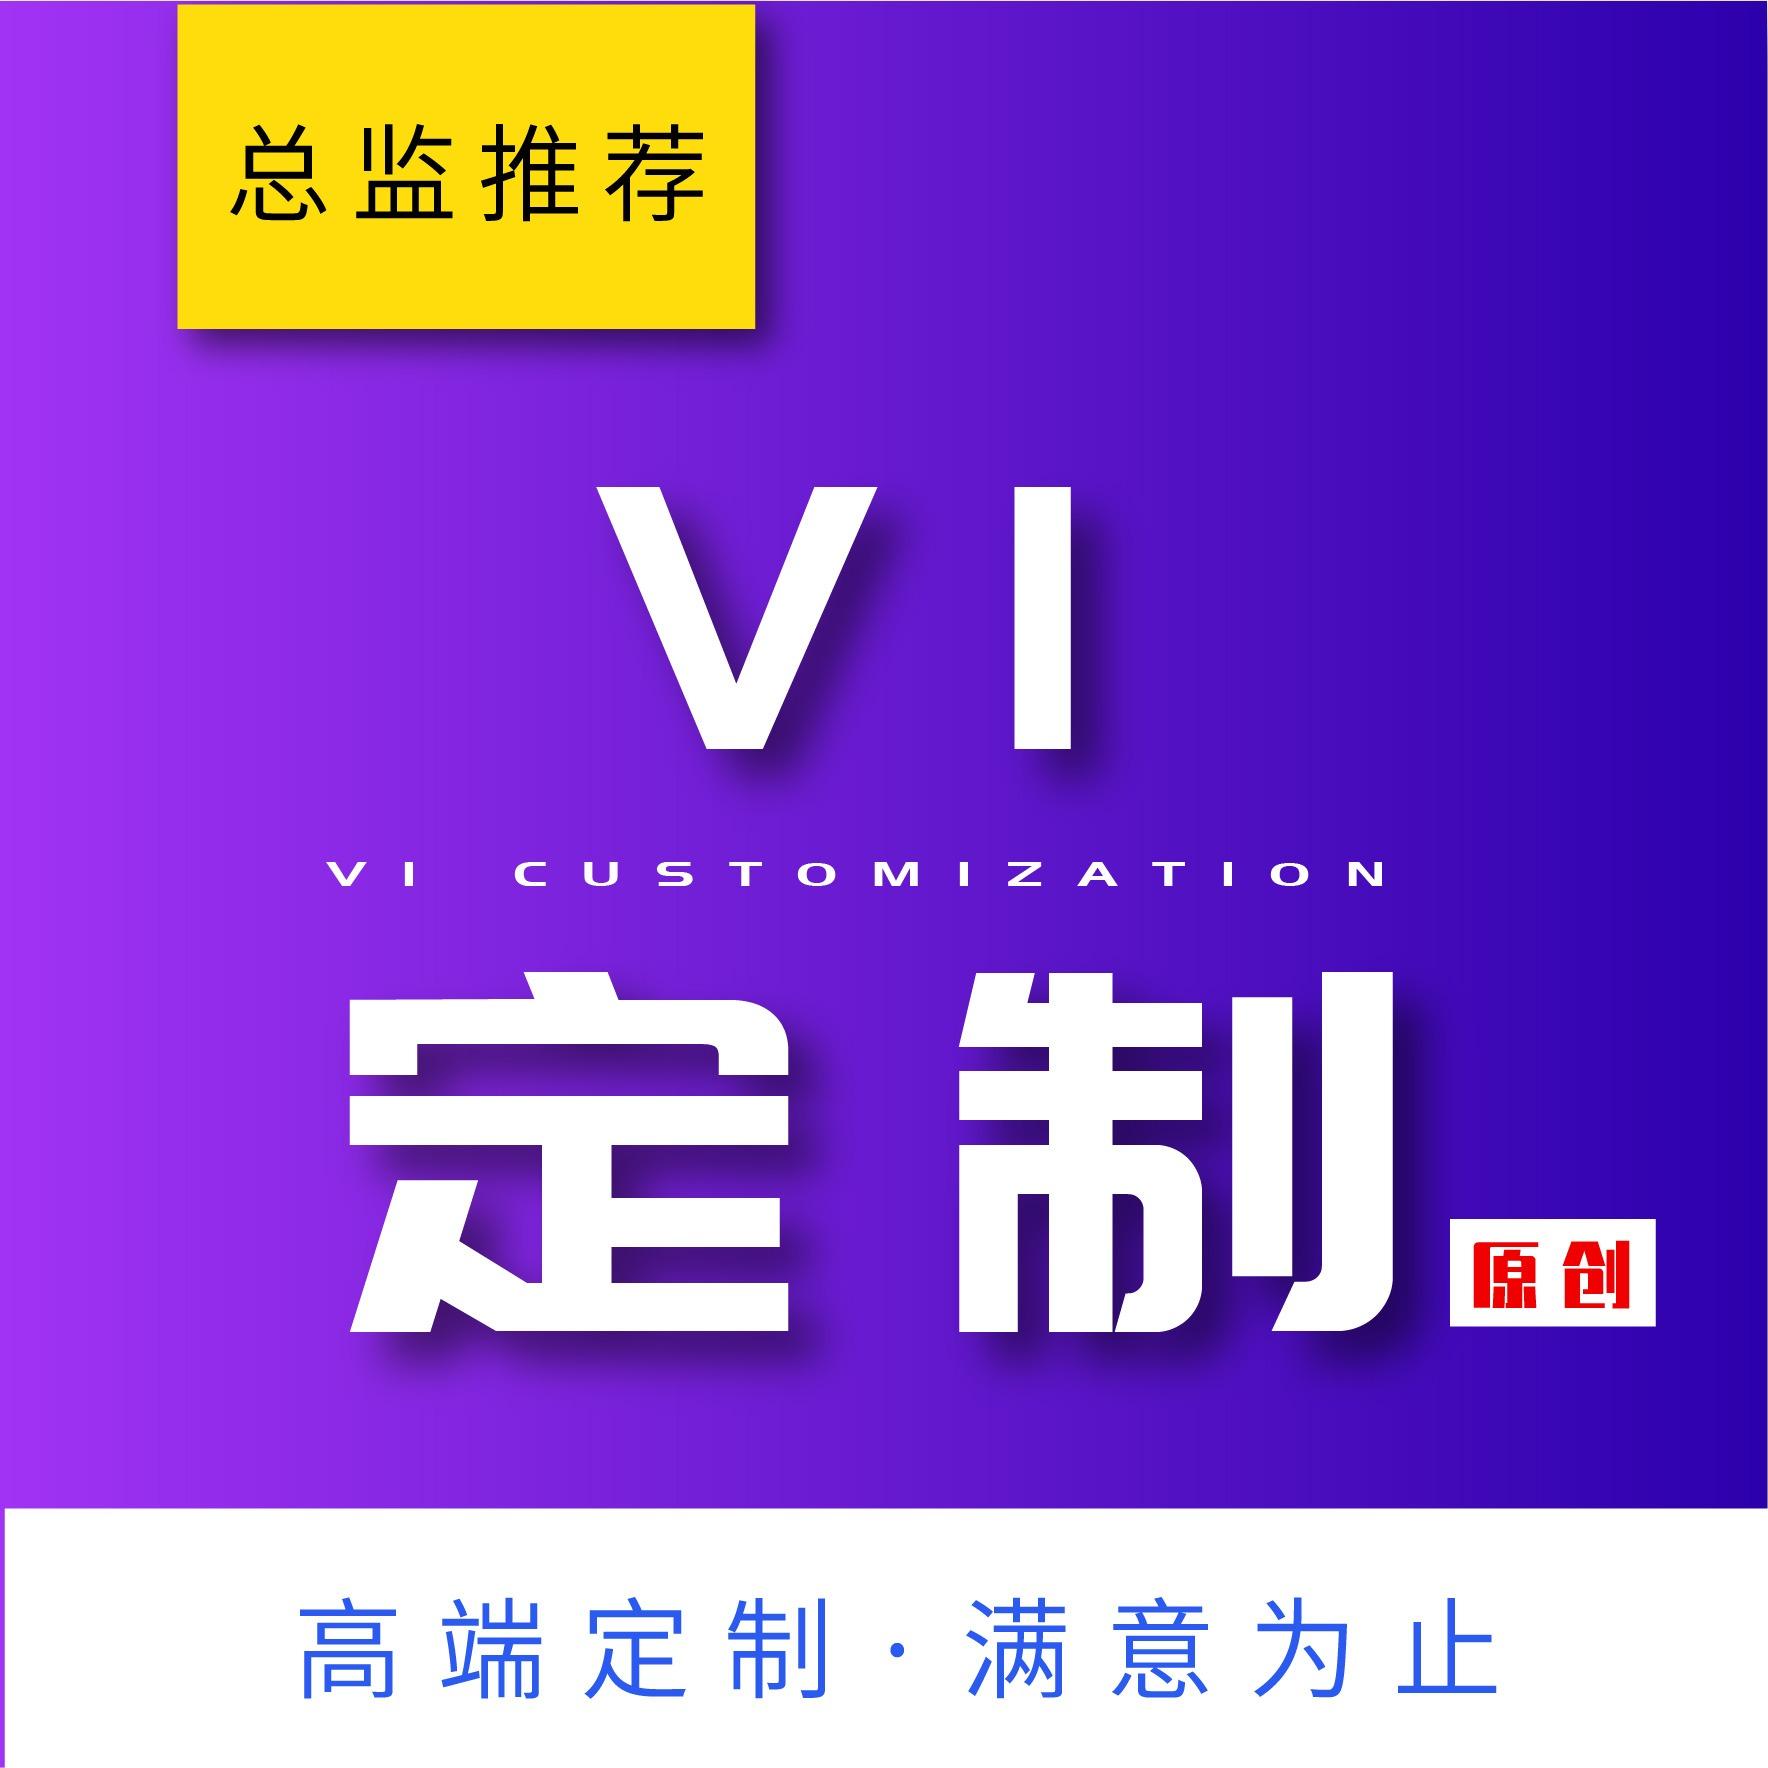 常用办公定制礼品定制营销物料定制环境导视定制 VI 定制品 设计